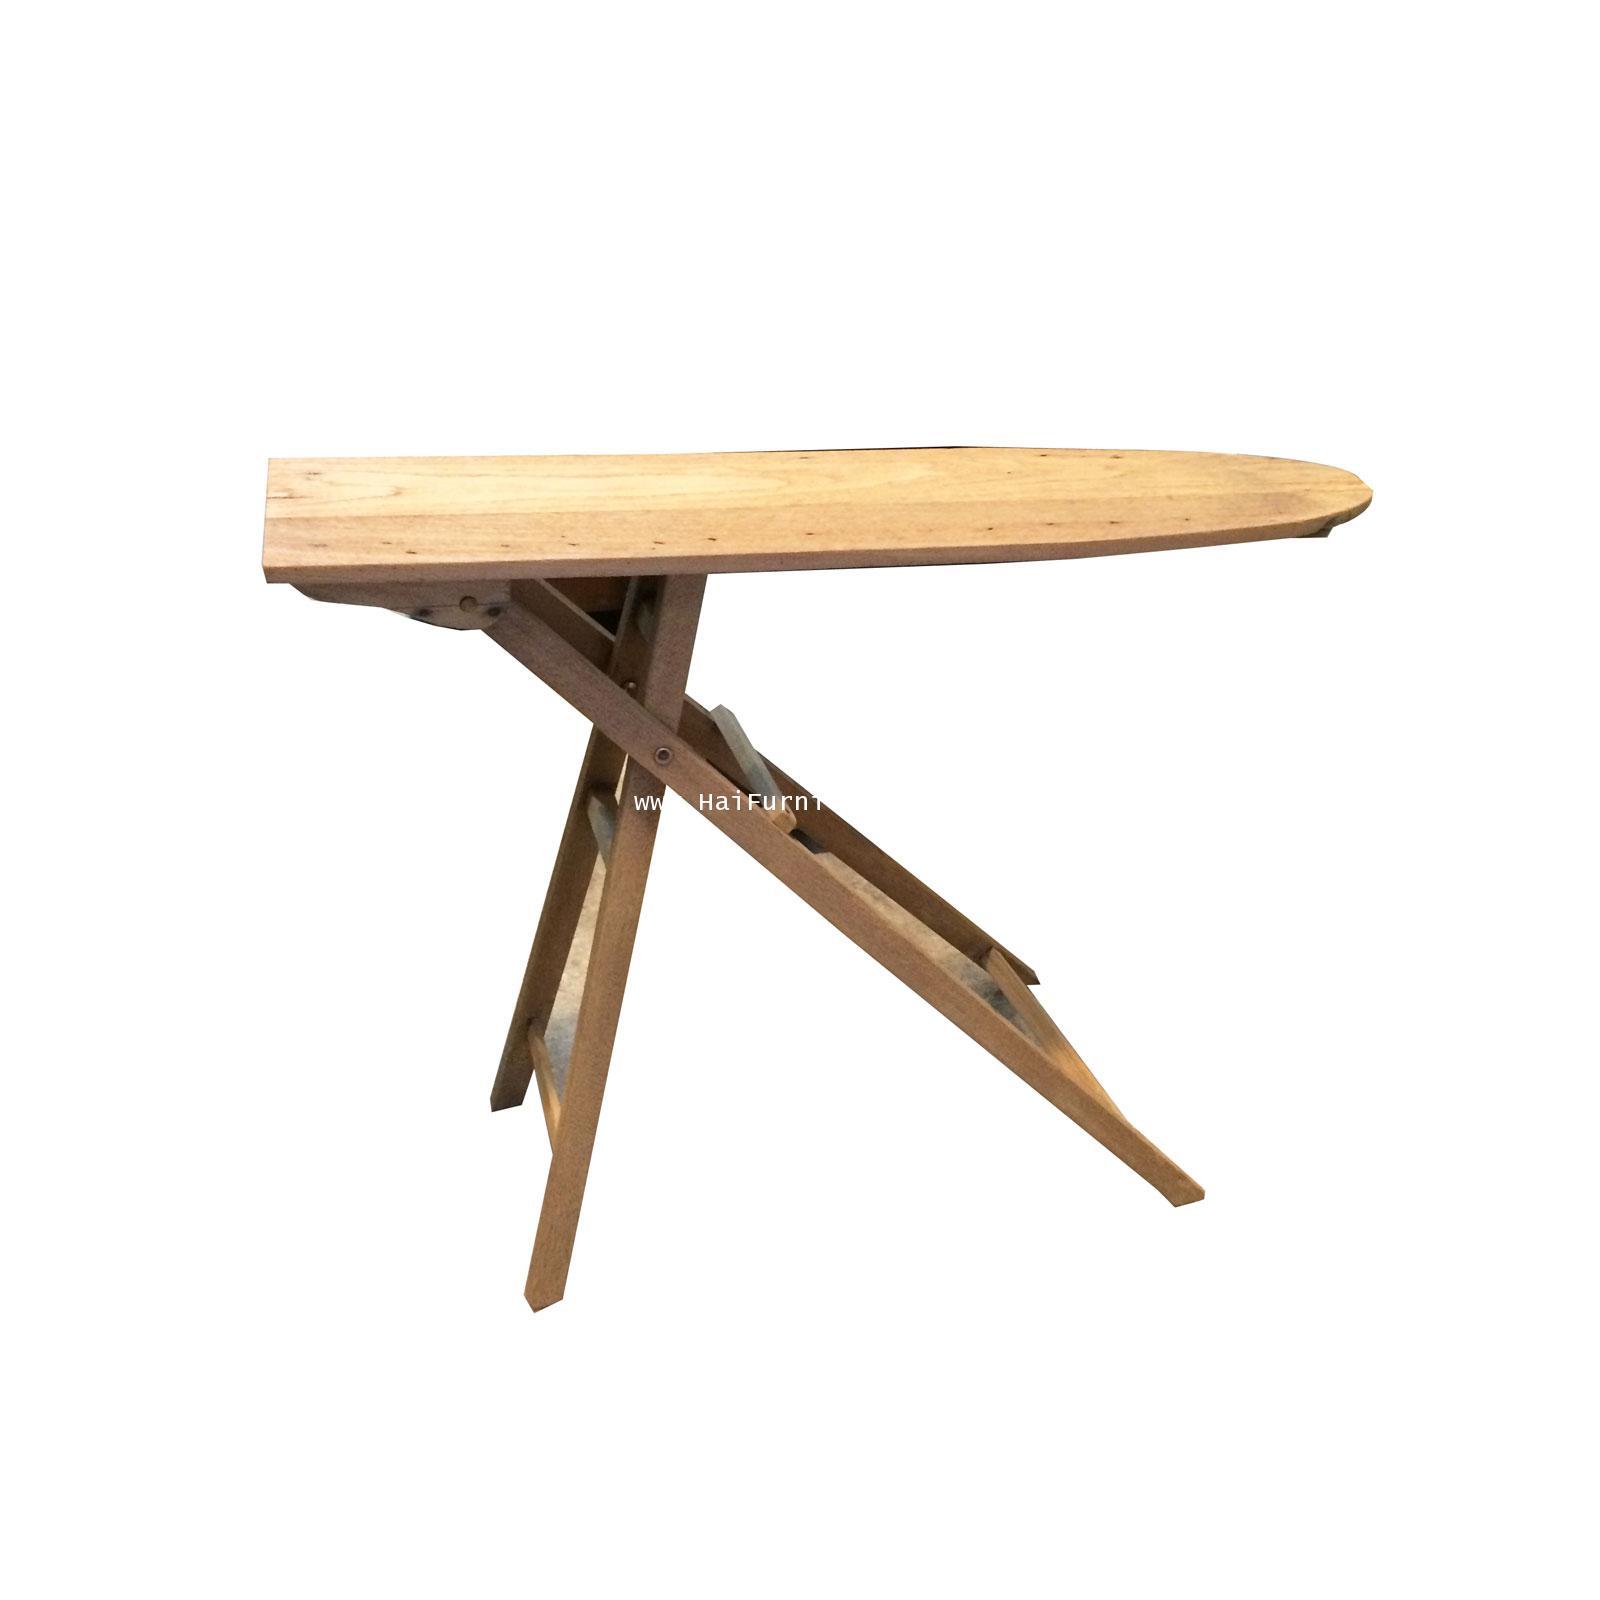 โต๊ะรีดผ้าไม้สักโบราณ ปี 1920 109.5*25*83.5 ซม.